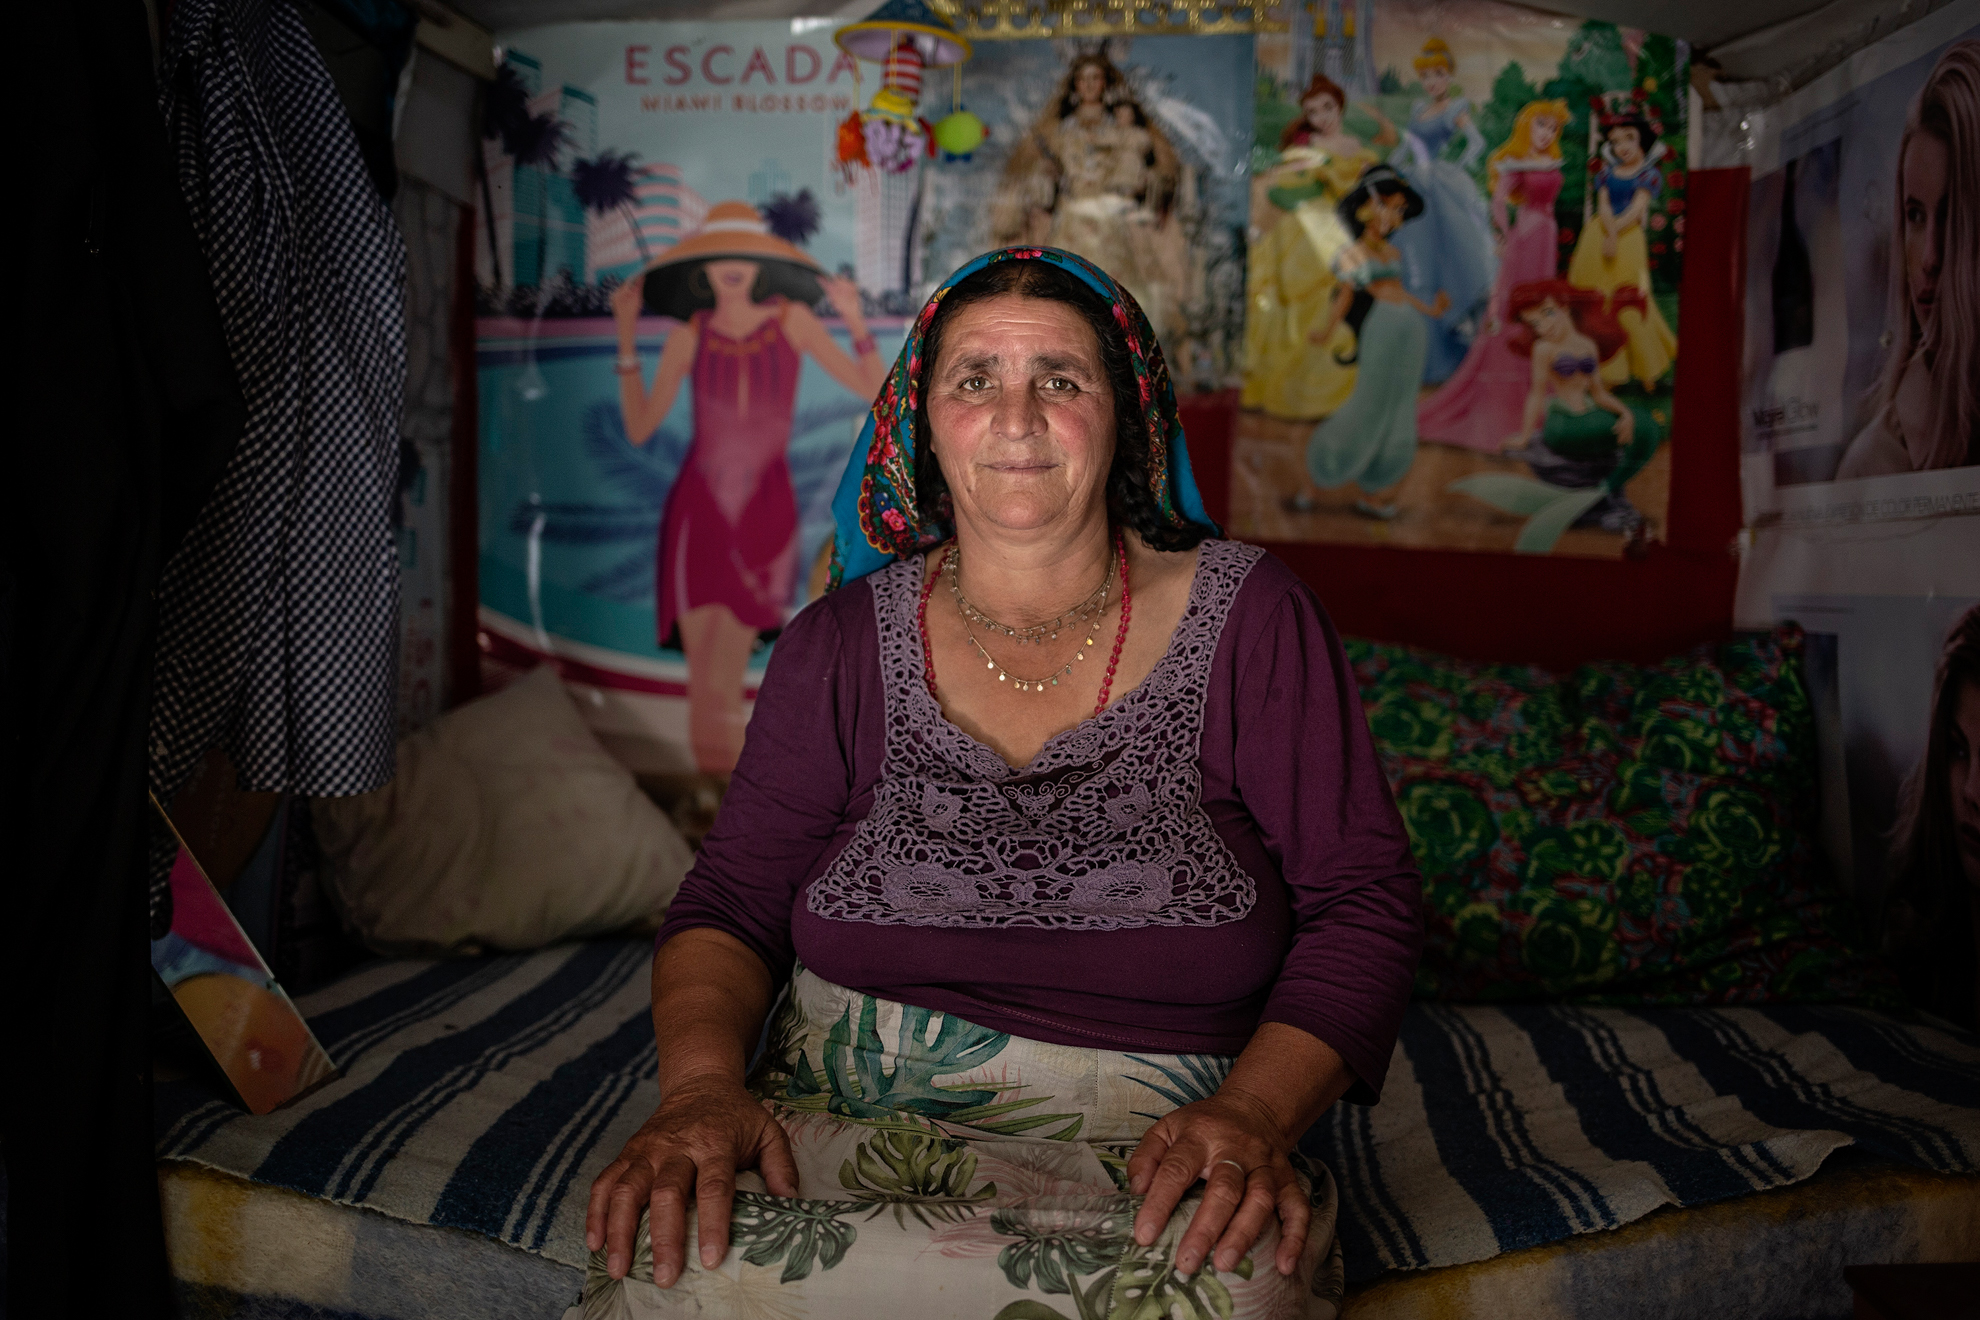 """on casi las 3 de la tarde y Marichica se protege del calor sentada en la cama de su dormitorio. No sorprende tanto la humildad de la chabola, como el exquisito orden, la limpieza y sobre todo, los posters que decoran las paredes: """"Es mi casa"""" dice orgullosa del diminuto habitáculo, en un español muy básico. Lleva 6 años viviendo en el asentamiento chabolista de familias rumanas a orillas del río Guadalquivir. Vinieron buscando trabajo y oportunidades para sostener la familia que quedaba en Rumanía, pero desde que se decretó la alera sanitaria por el COVID19 se han quedado sin ingresos. Son más de 20 personas que están viviendo estas semanas exclusivamente de los alimentos que les entregan a diario organizaciones como Médicos del Mundo. Toda la comida que reciben y consiguen la comparten y cocinan en comunidad. Y en ese español básico una y otra vez, la misma palabra: """"gracias, gracias, gracias""""."""